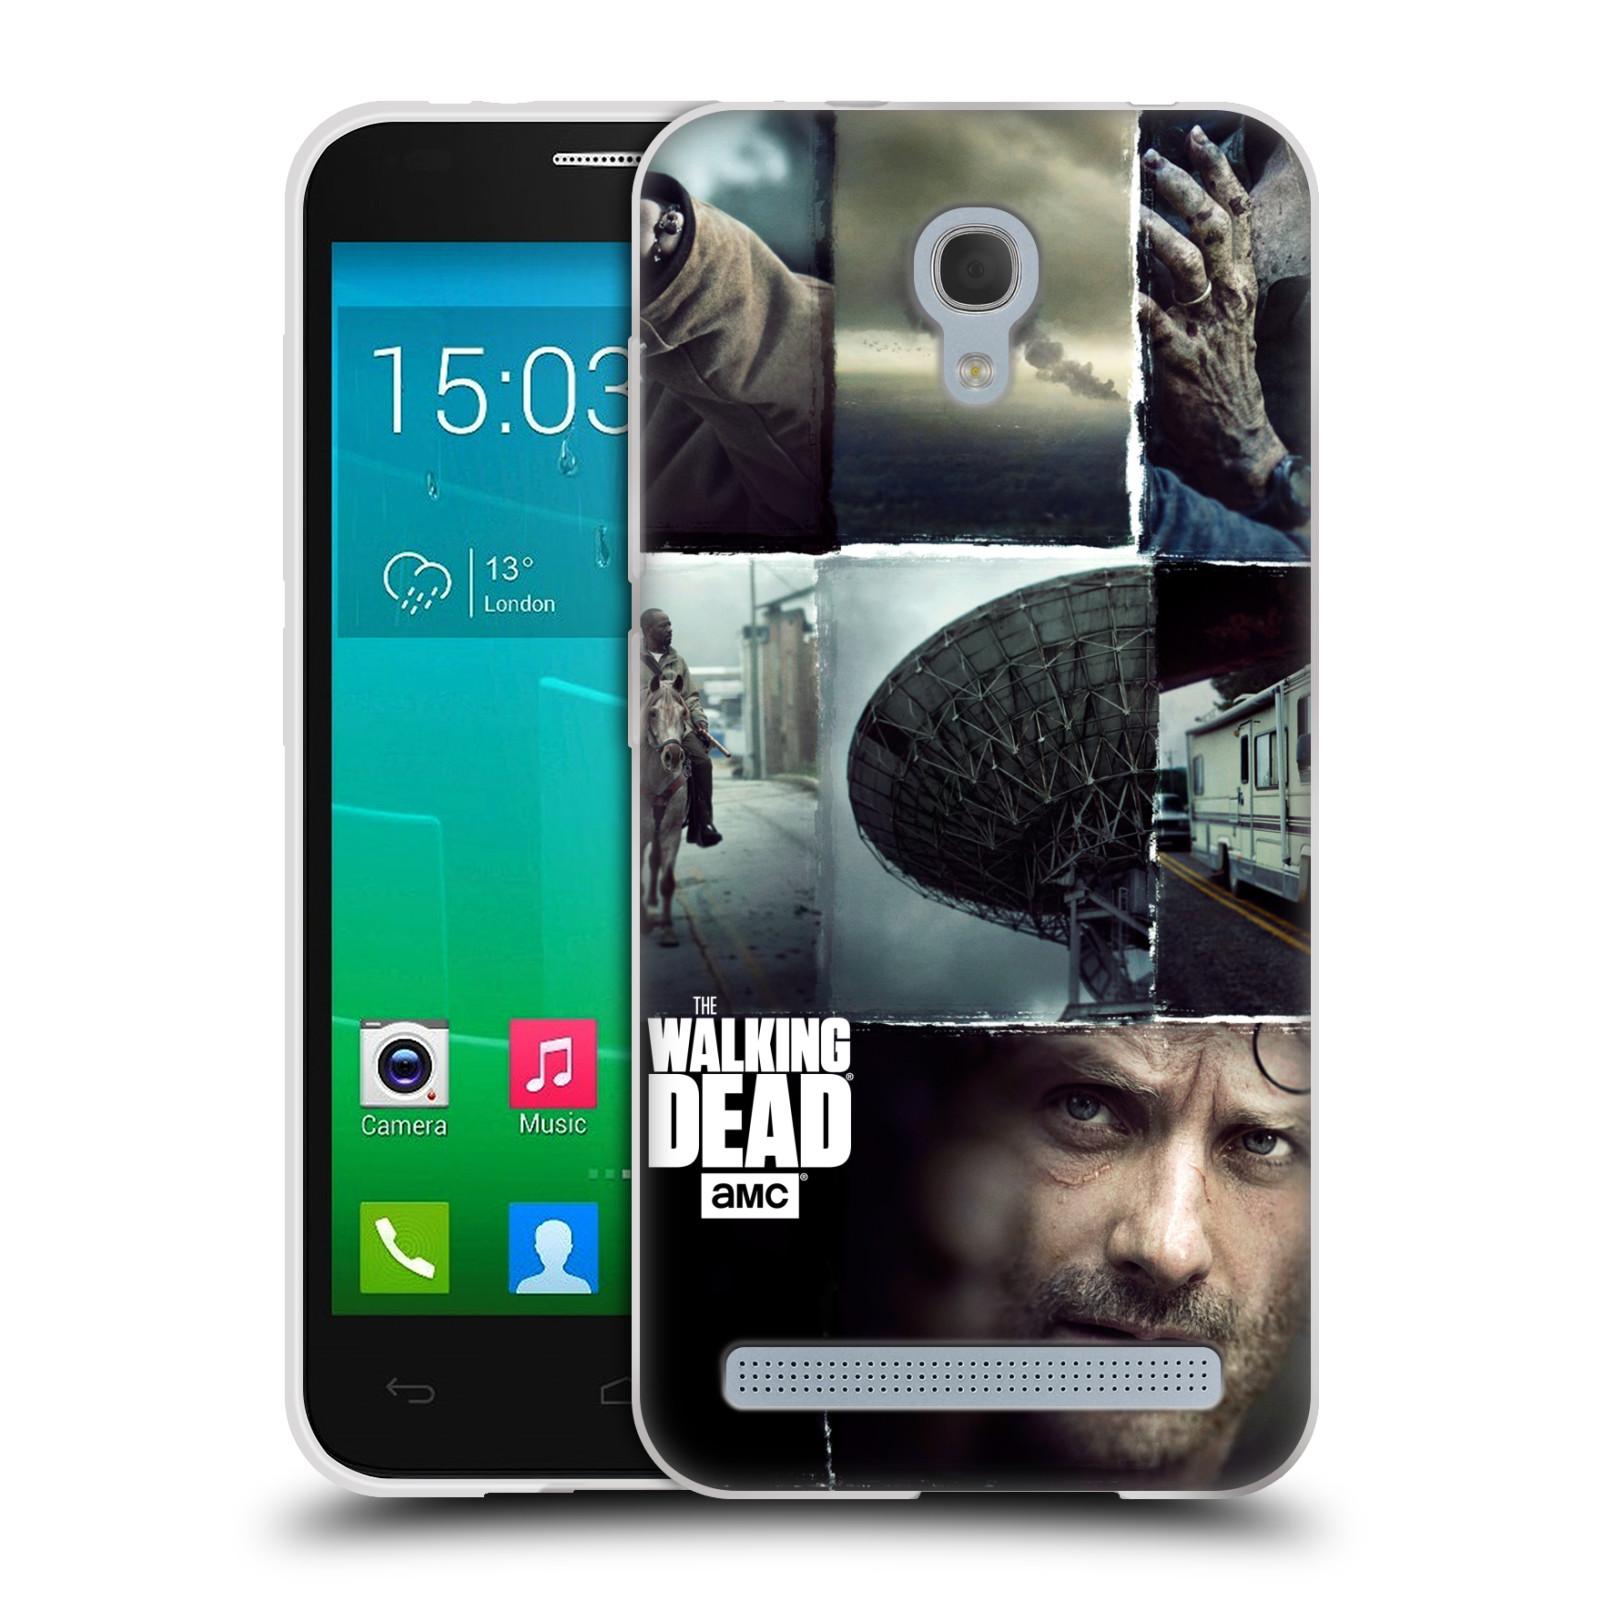 Silikonové pouzdro na mobil Alcatel One Touch Idol 2 Mini S 6036Y HEAD CASE Živí mrtví - Koláž (Silikonový kryt či obal na mobilní telefon s licencovaným motivem Živí mrtví / The Walking Dead pro Alcatel Idol 2 Mini S OT-6036Y)